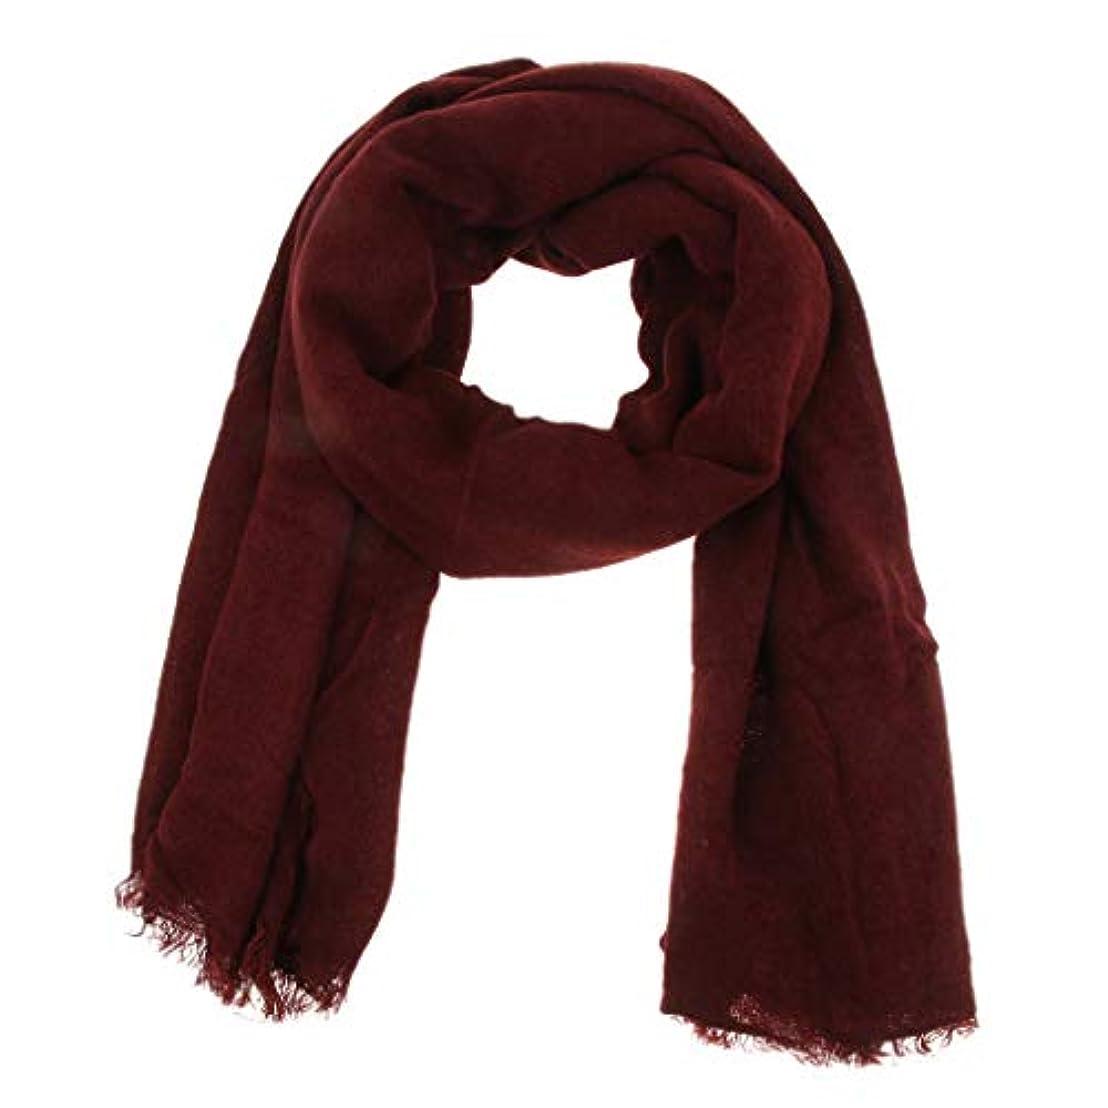 維持着る配管工B Baosity 長スカーフ ショール ラップ カシミヤ 女性 フリンジ付き 冷房対策 UVカット 保暖 防風 贈り物 全6色